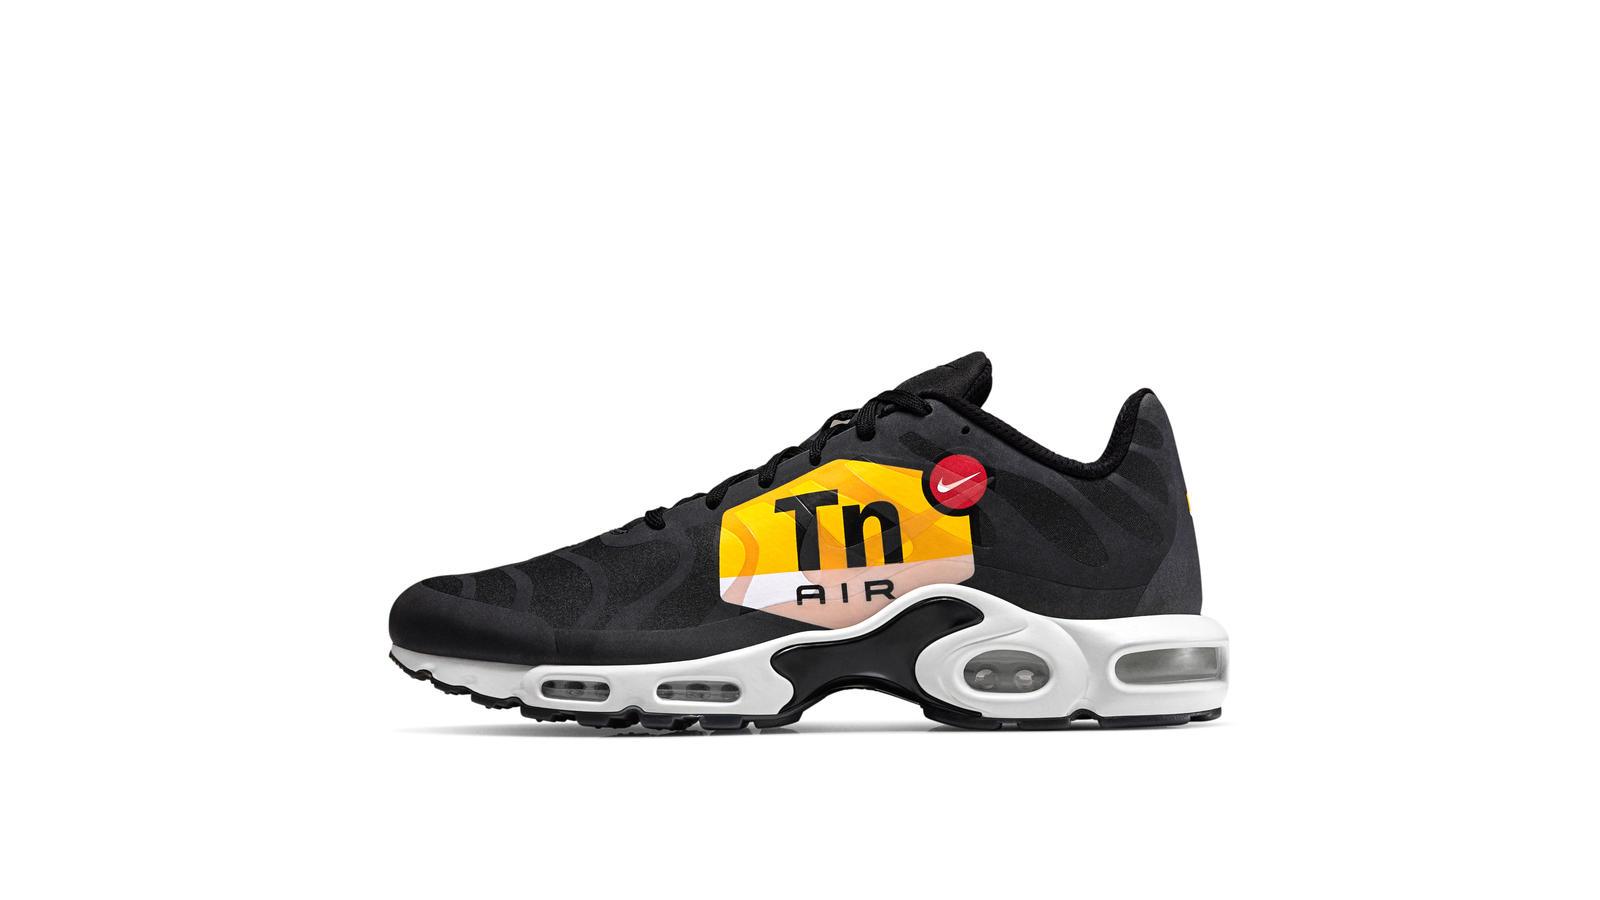 e5b5f3e0b235 à propos de chaussures Nike Air Max Nike Air Max Tennis Sneakers Baskets  Nike Air Max Tn Tuned 1 Mercurial Footlocker Taille 42 Jaune